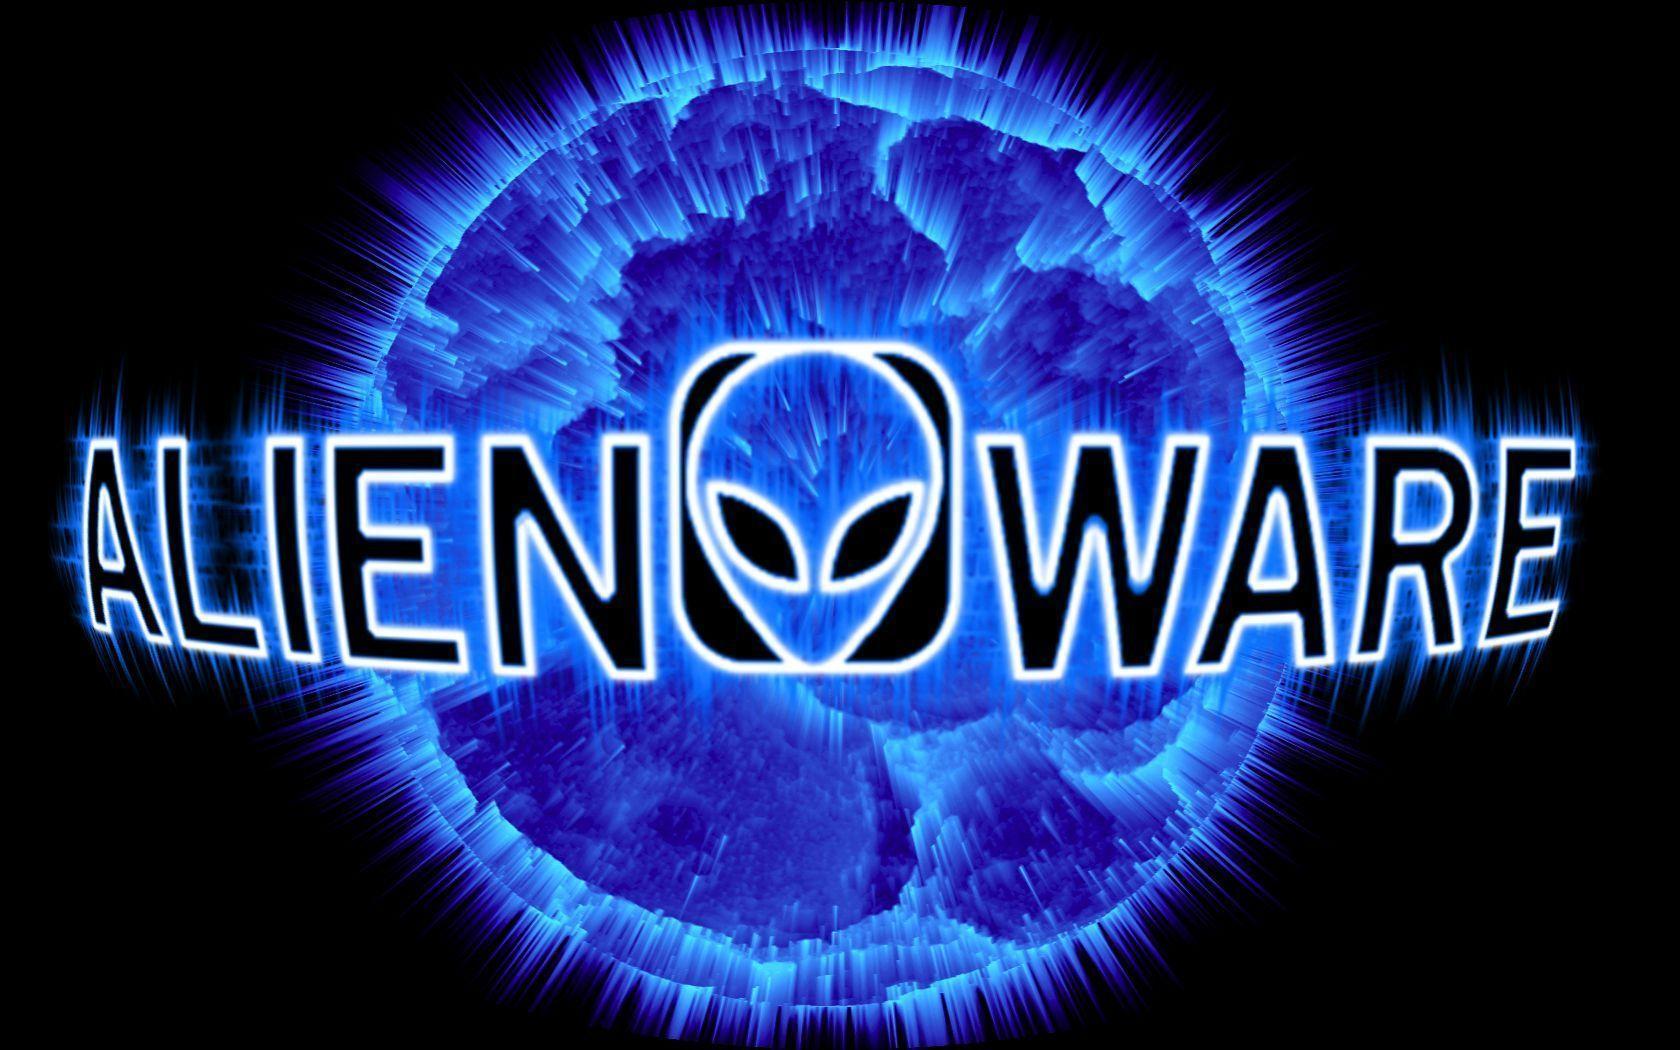 Alienware Desktop Backgrounds - Wallpaper Cave